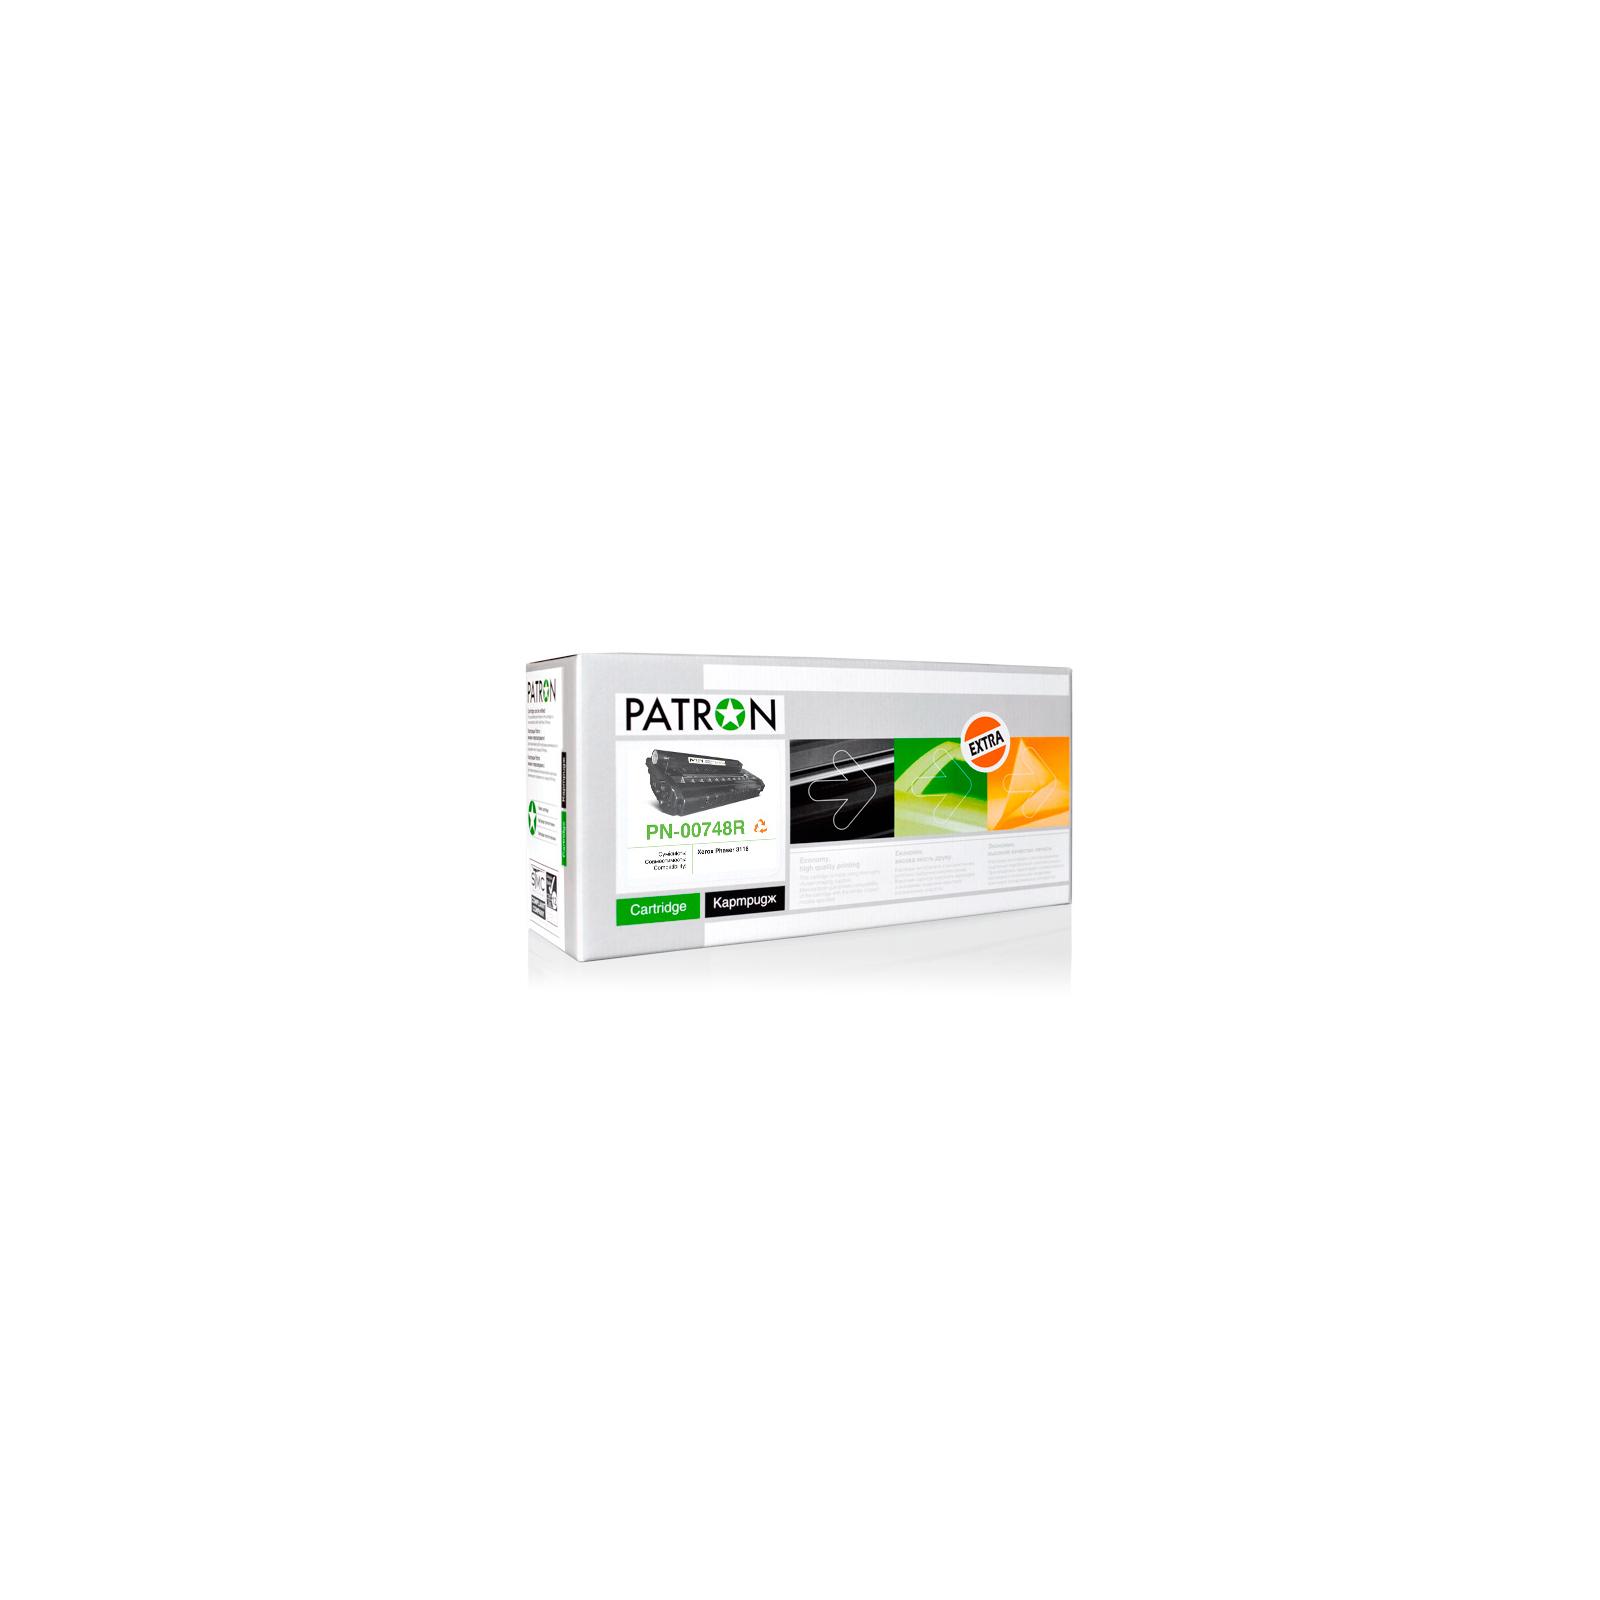 Картридж PATRON XEROX Ph 3116 (PN-00748R) 109R00748 Extra (CT-XER-109R00748-PNR)